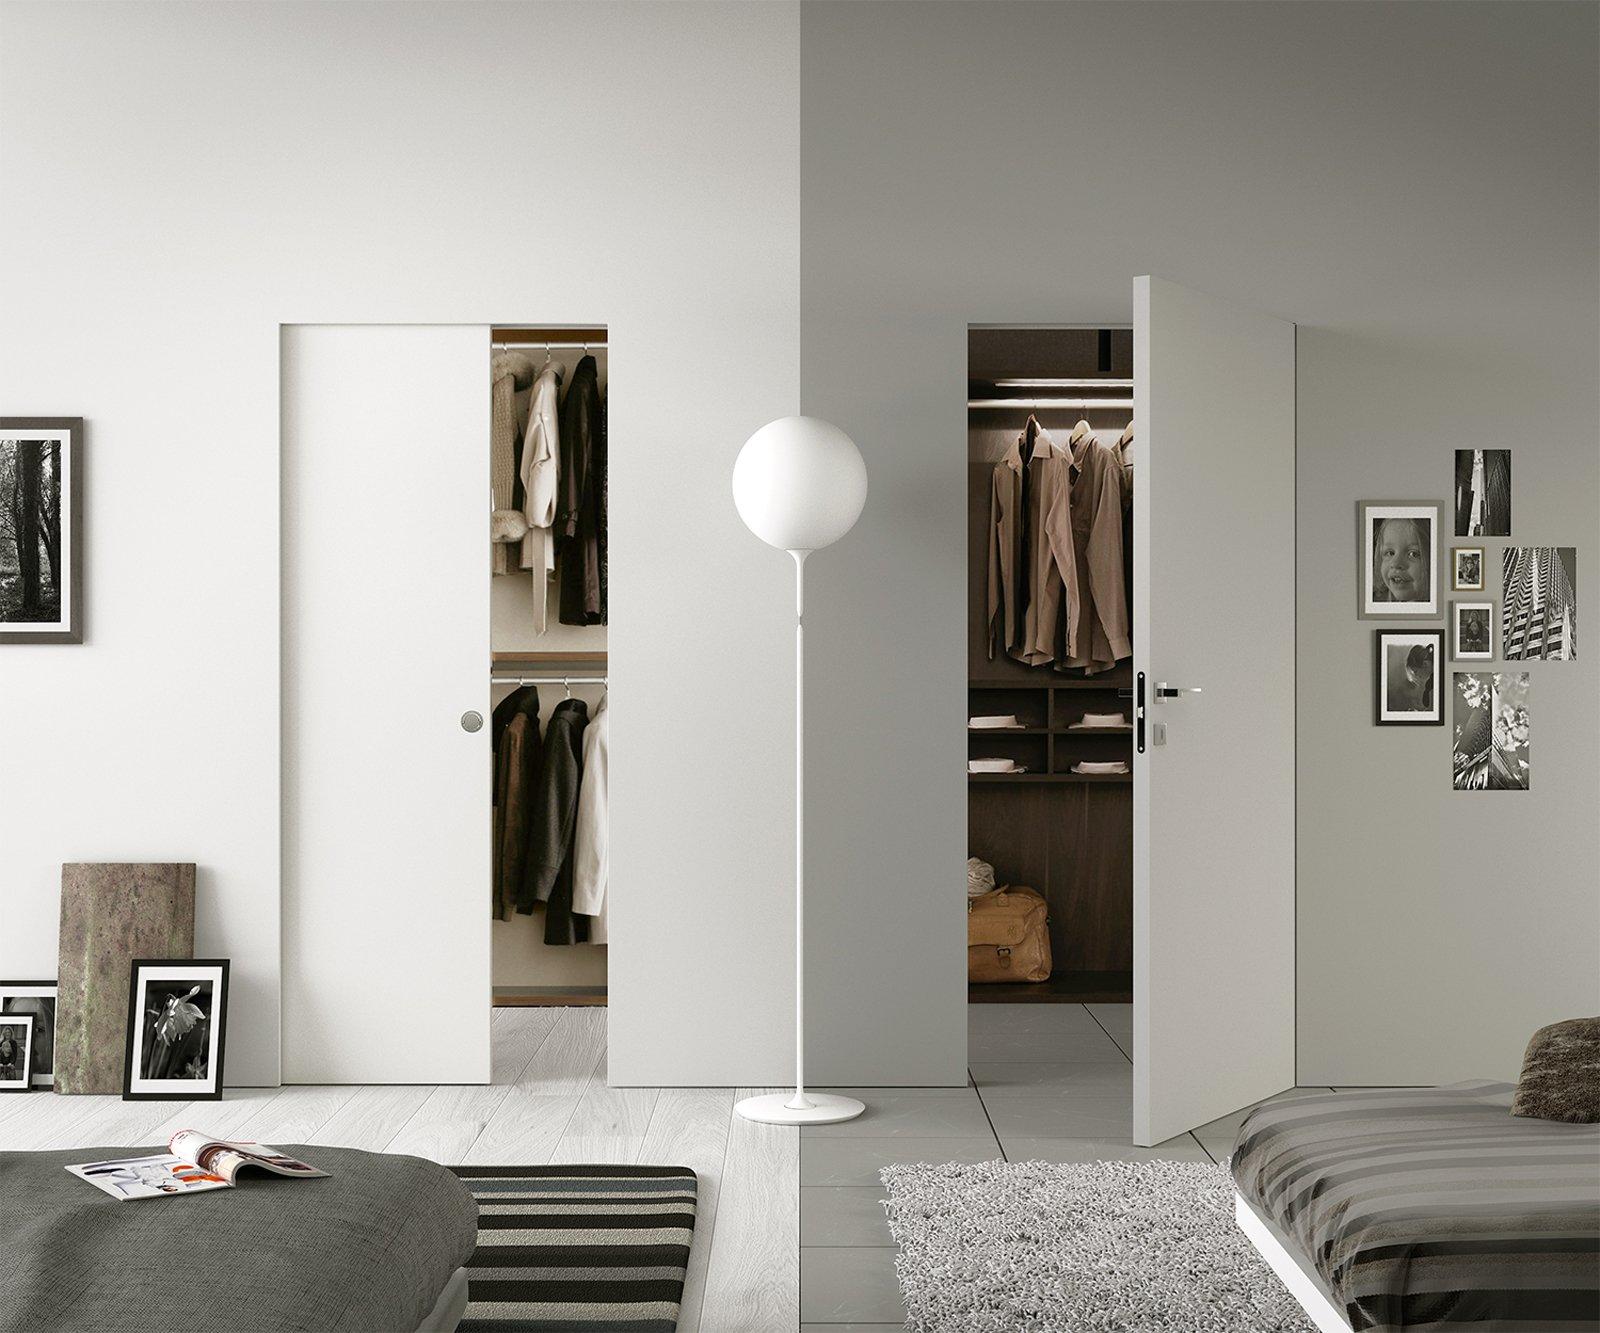 Sfruttare bene lo spazio con porte e contenitori a scomparsa cose di casa - Contenitori per cabina armadio ...